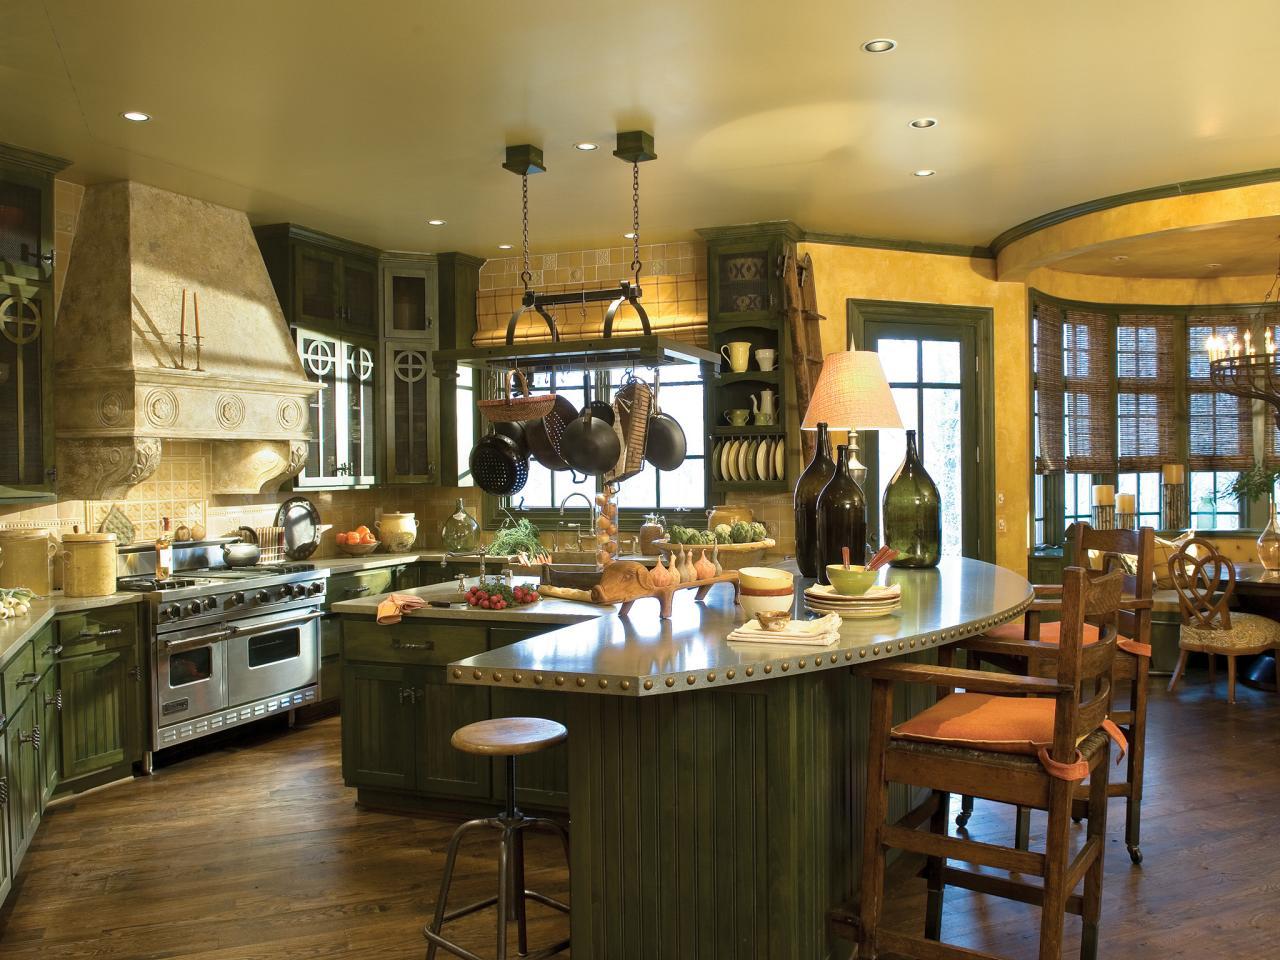 Кухонный гарнитур с барной стойкой в стиле кантри